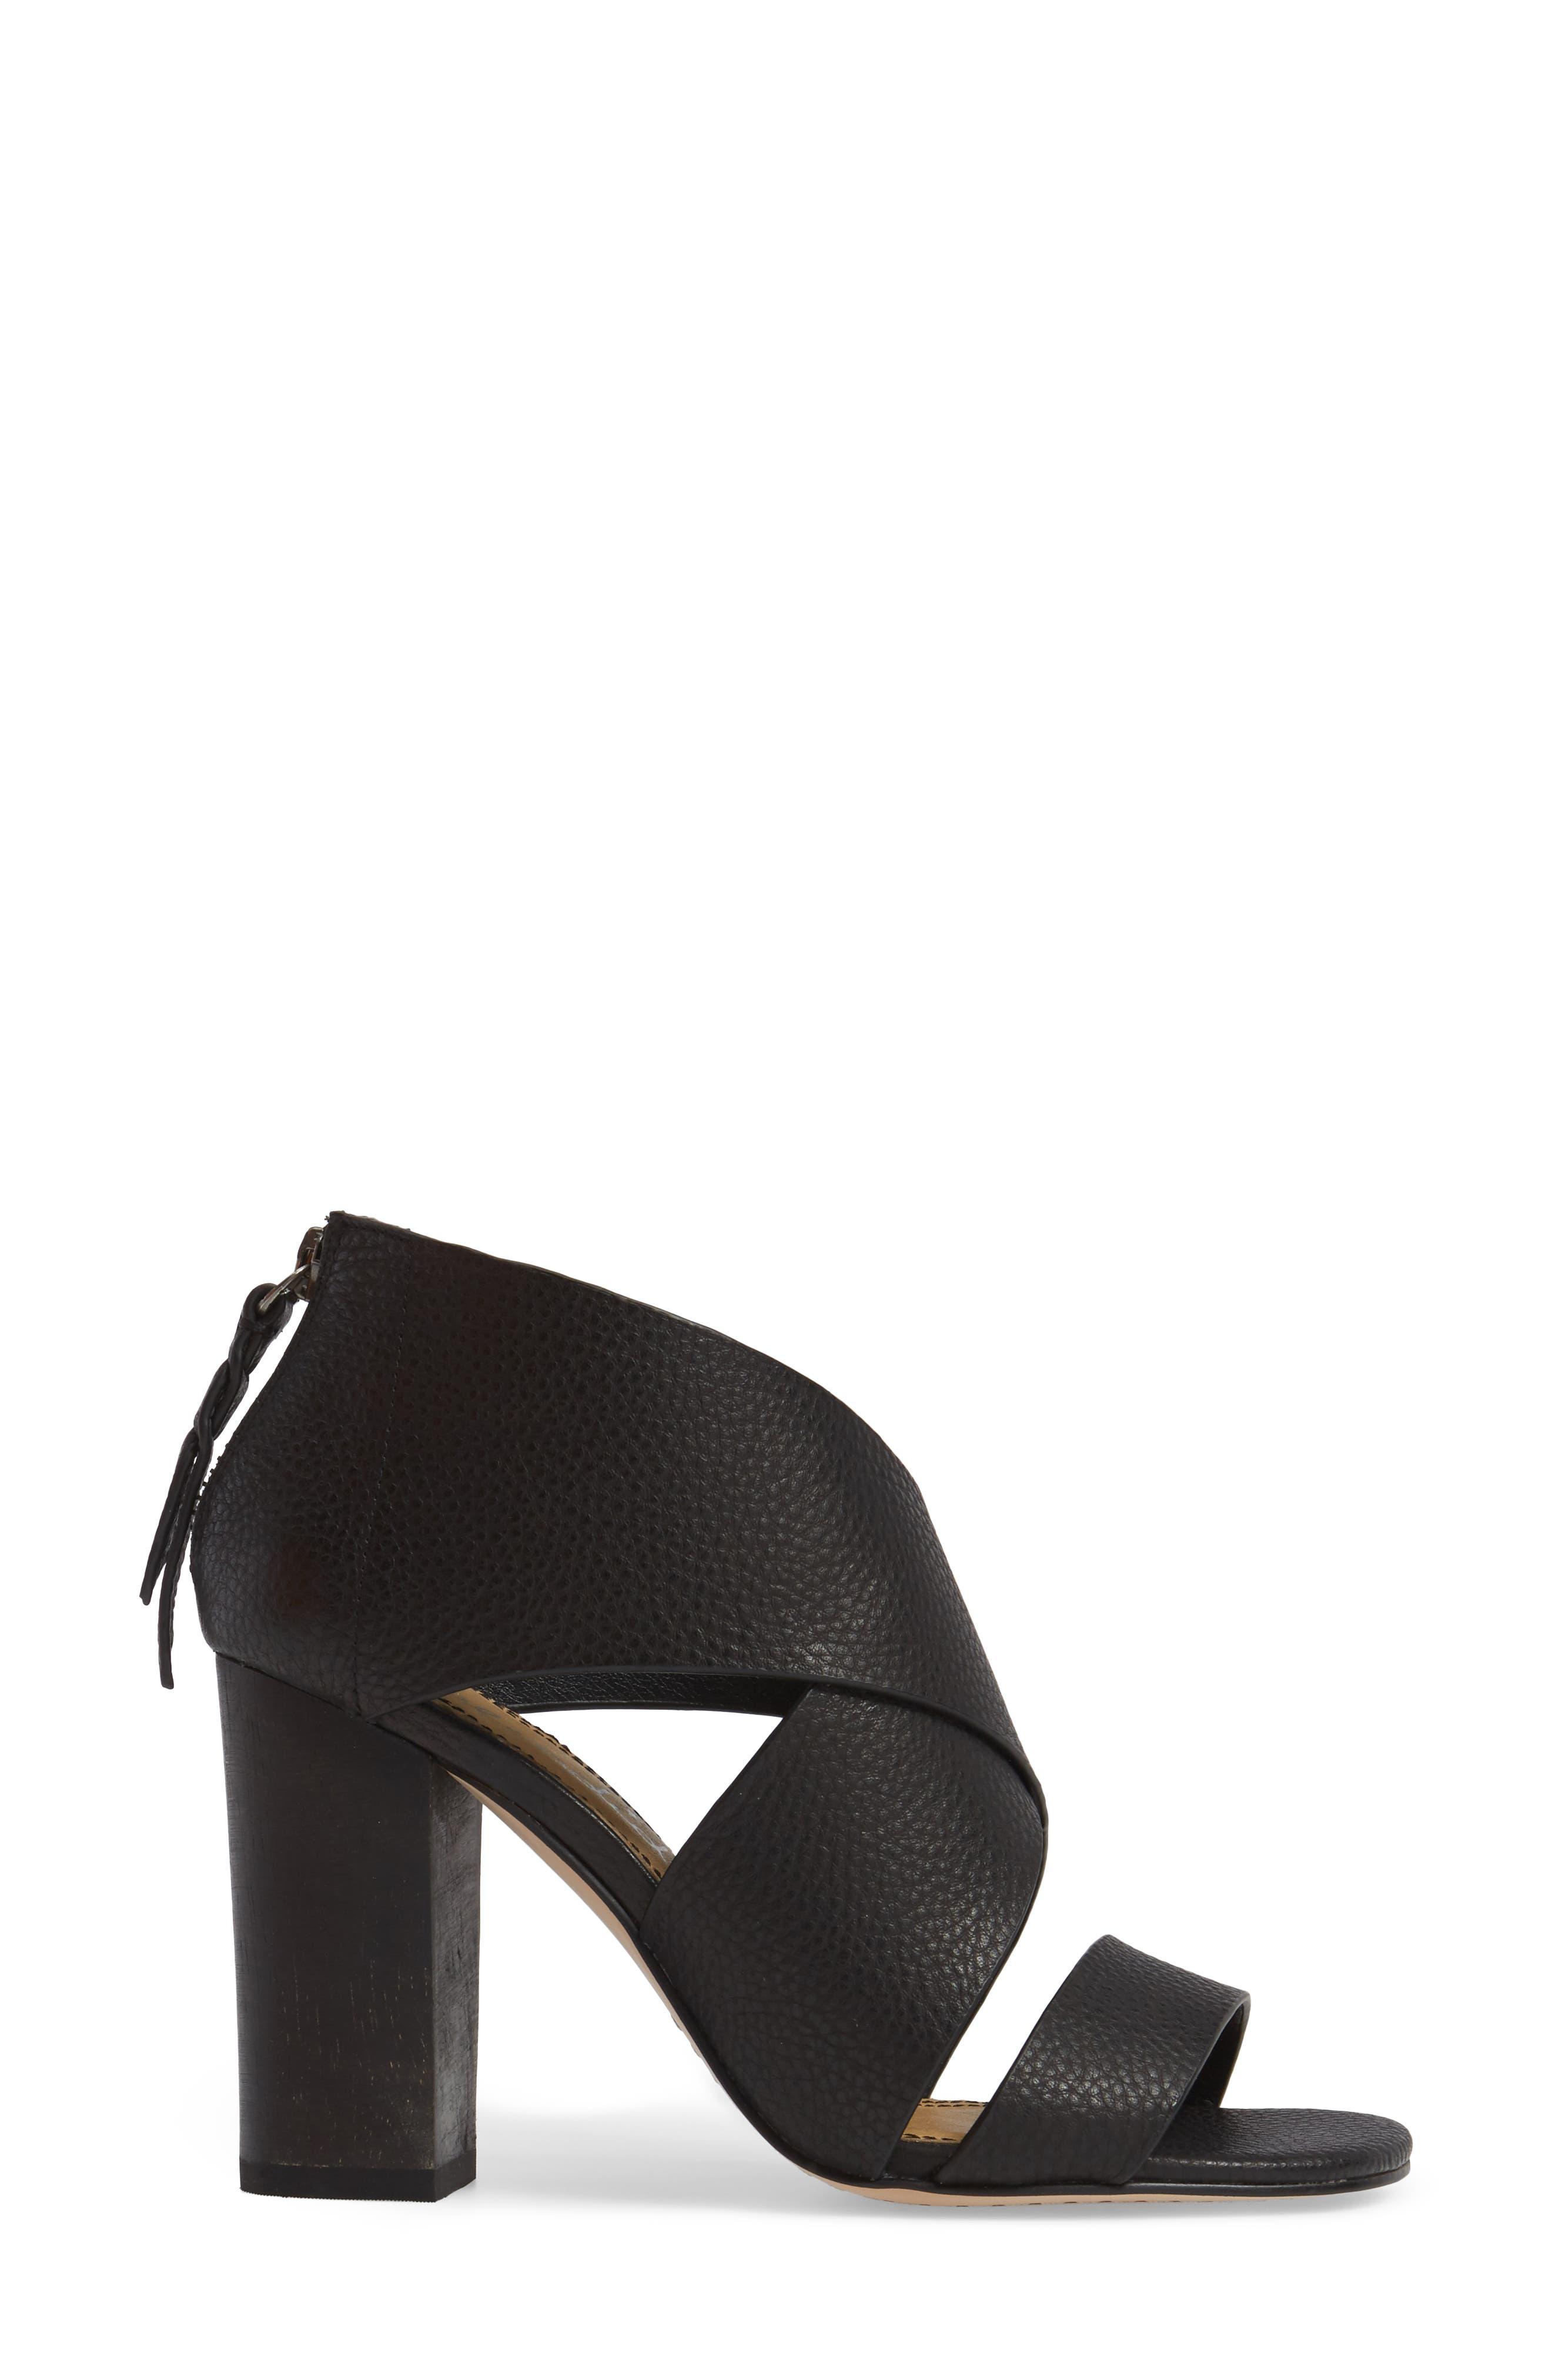 Danett Cross Strap Sandal,                             Alternate thumbnail 3, color,                             Black Leather